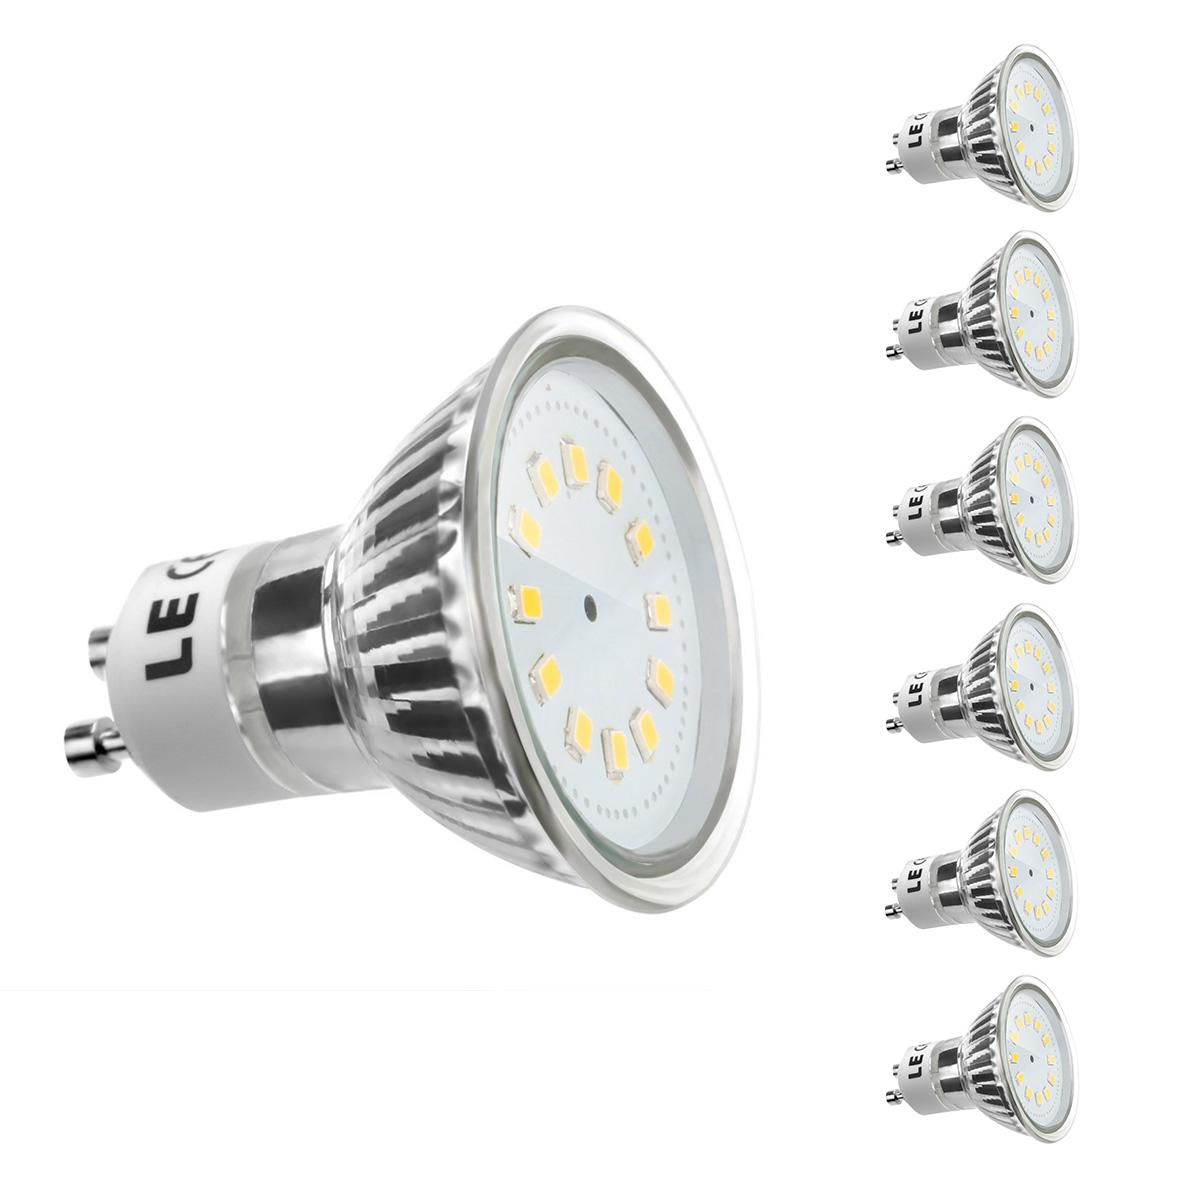 [Bündel] 2,5W GU10 Fassung, MR16 200lm LED Strahler, Ersatz für 35W Halogenlampe, Warmweiß, 6er Set